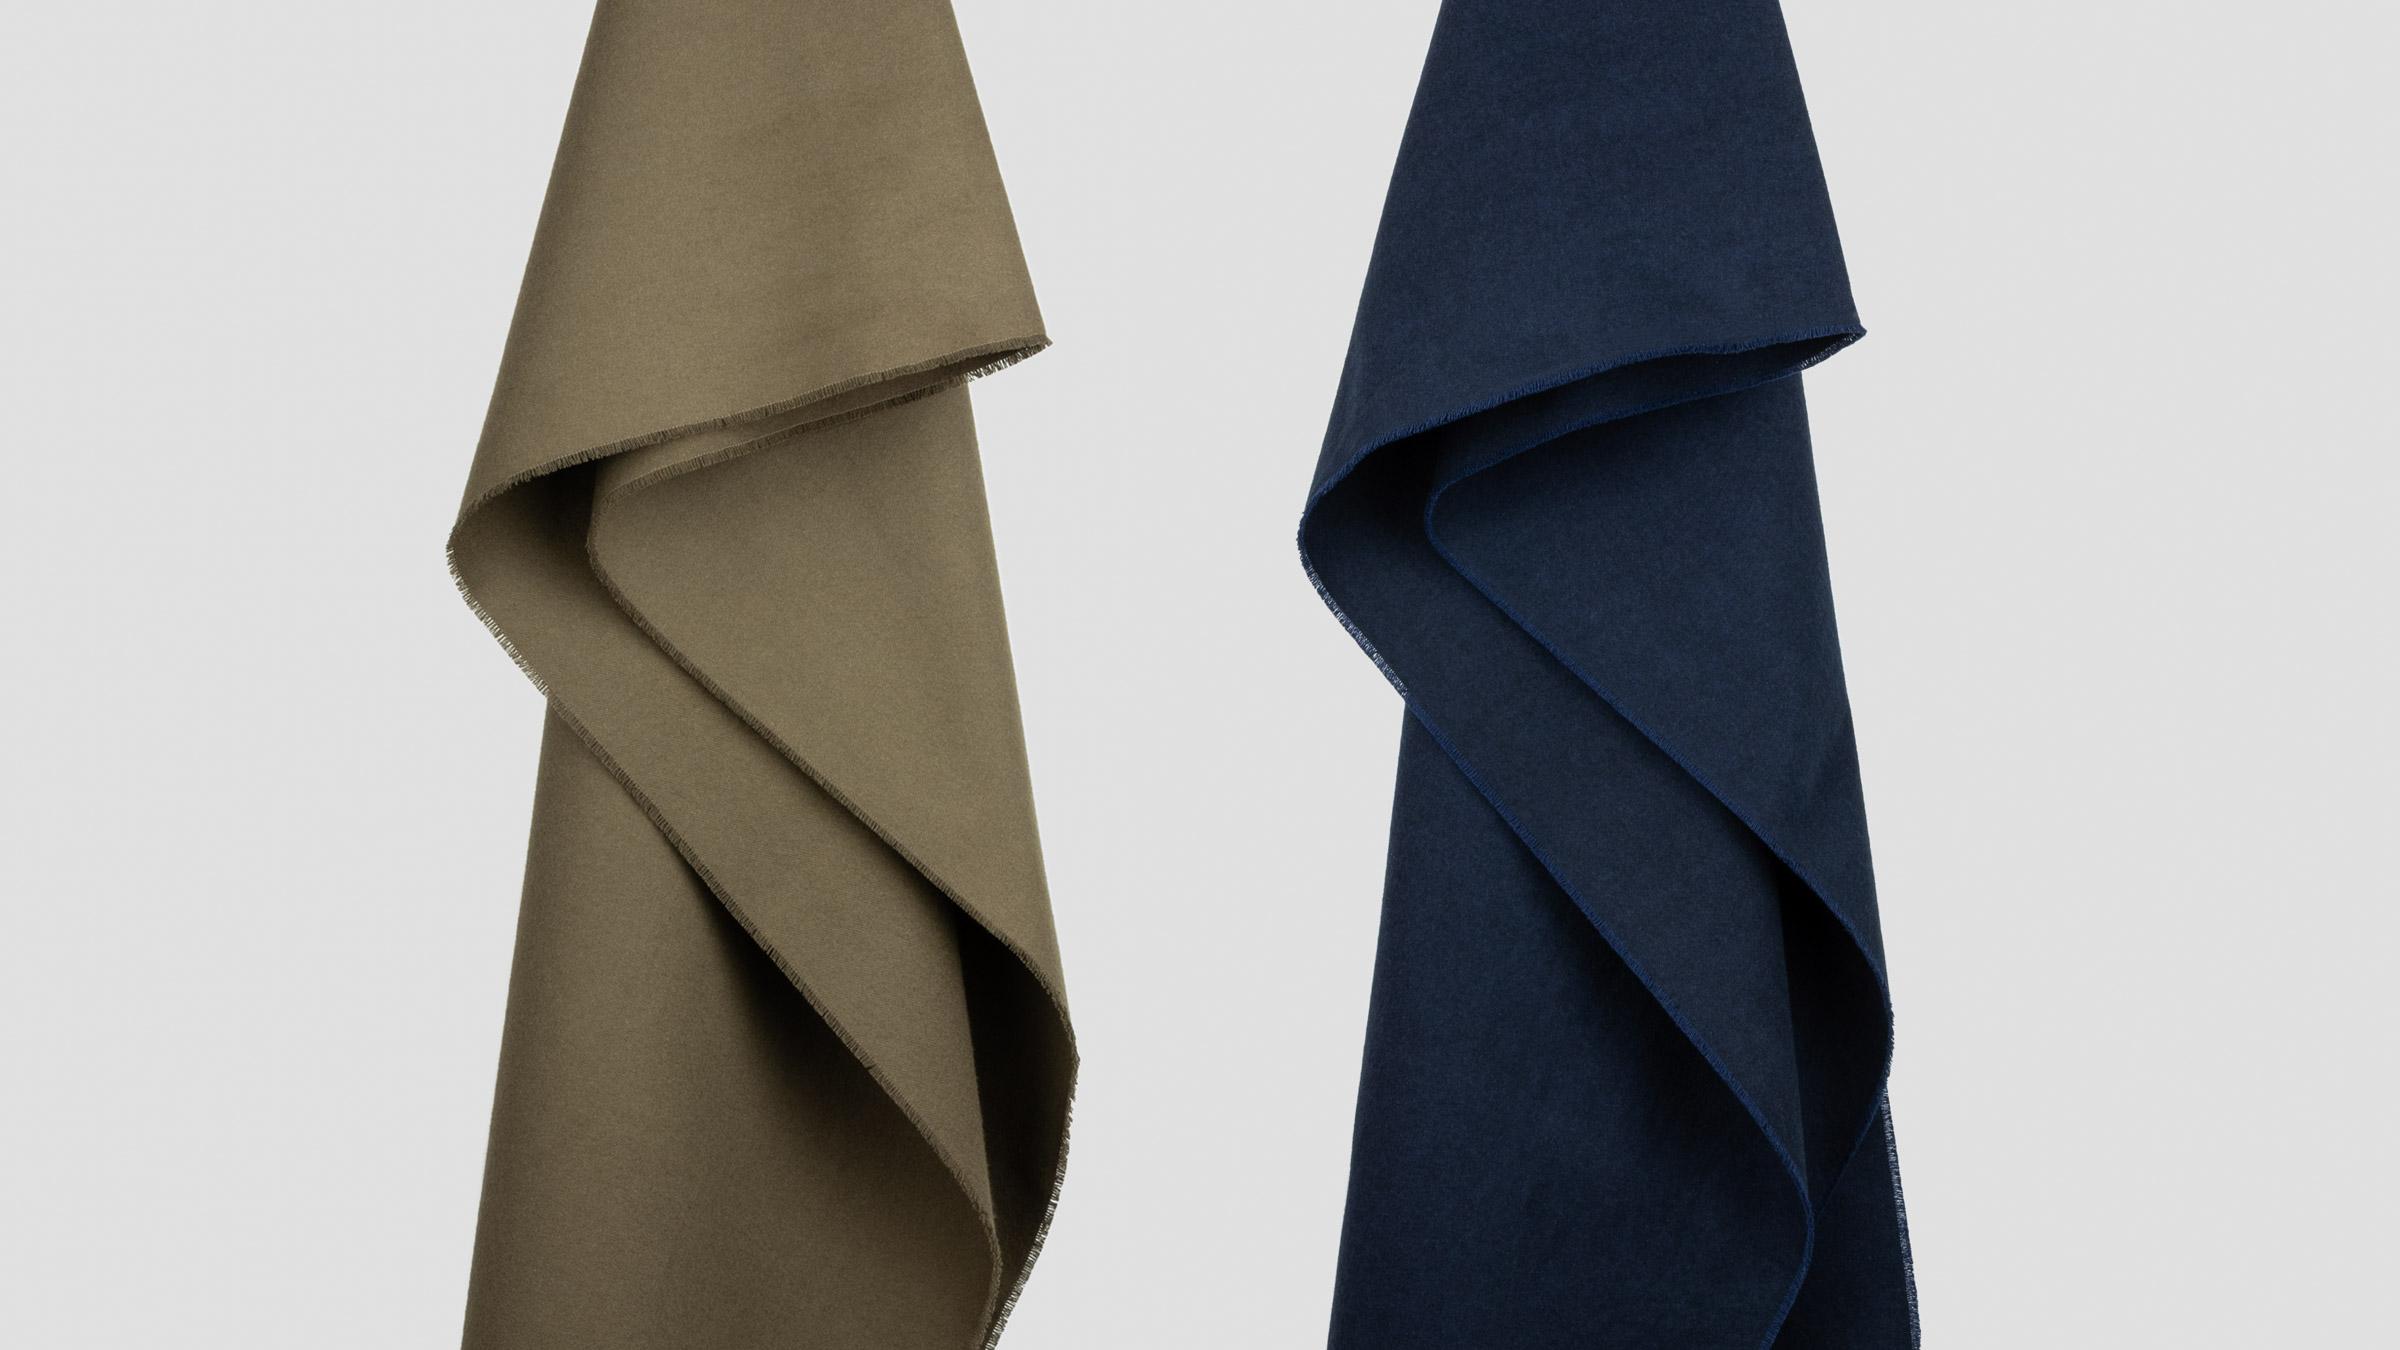 niels-heineman-filip-scarf-care